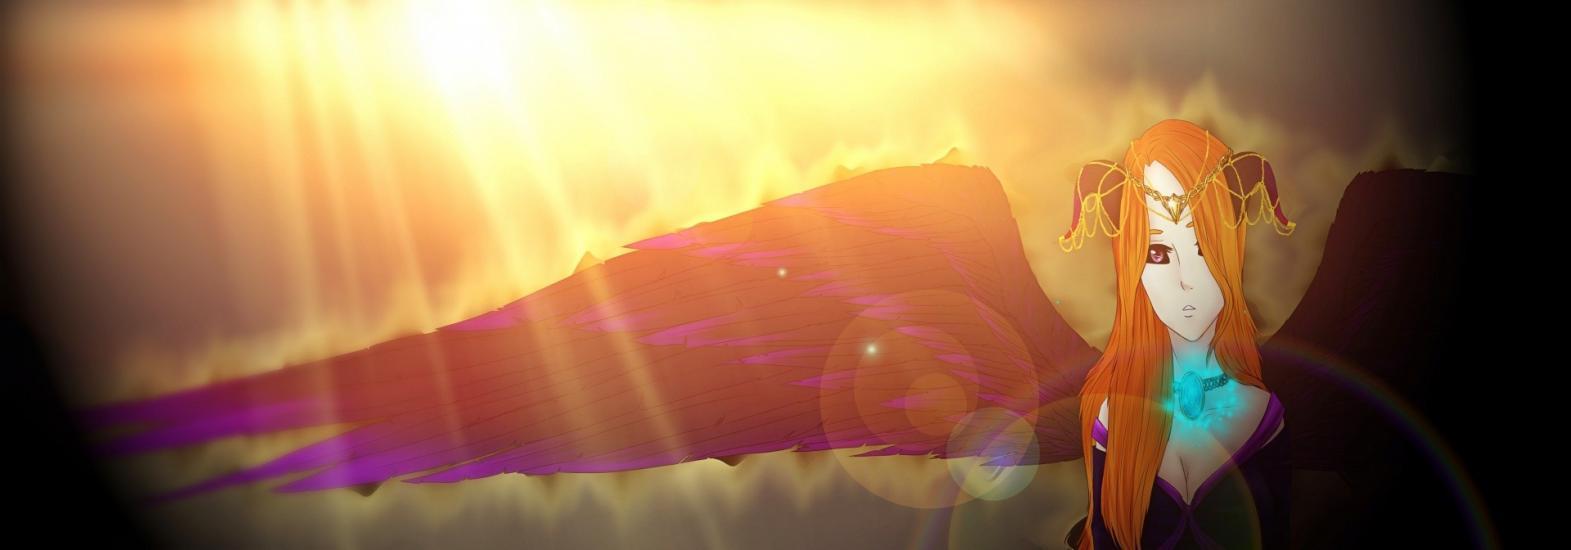 Elene Sunlight